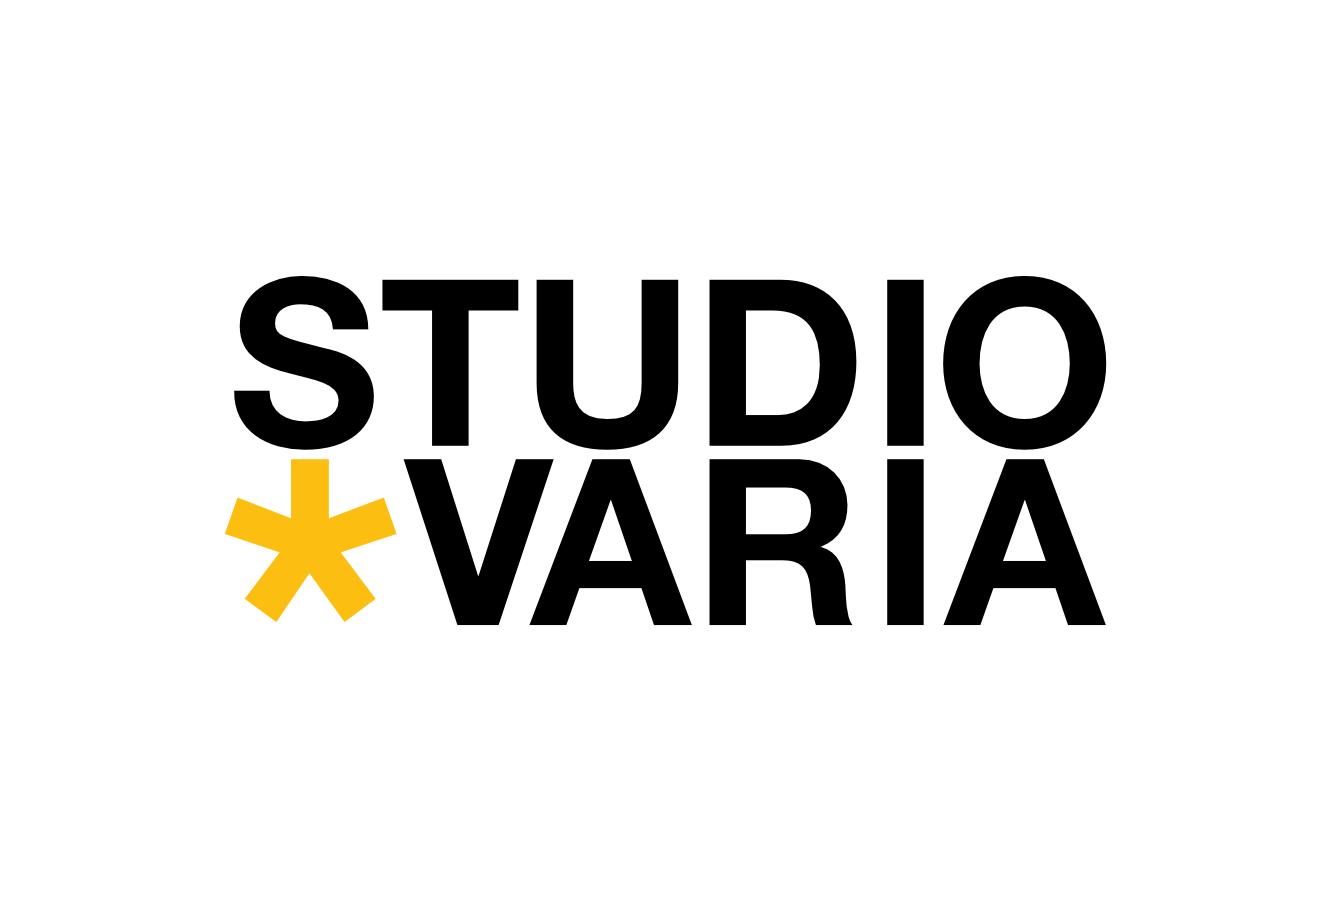 Logotip - Studio Varia - barvna variacija